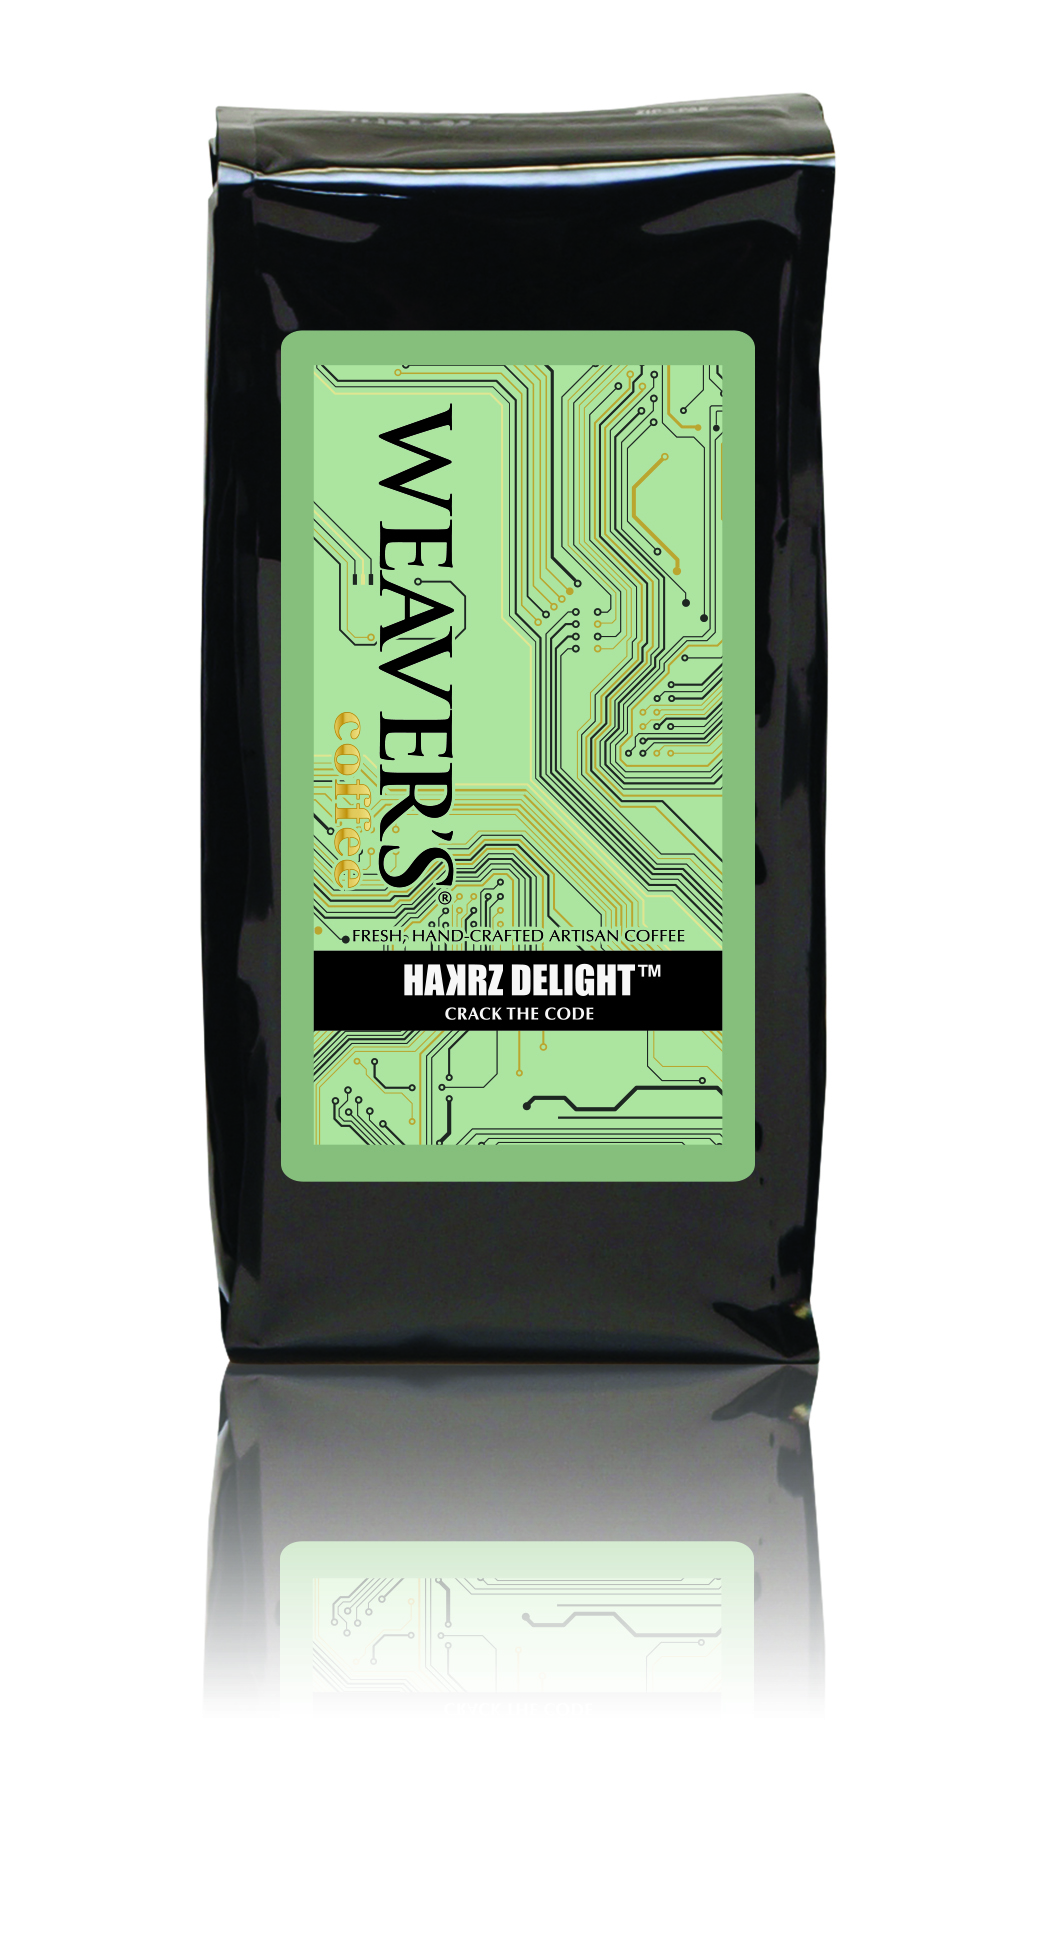 HAKRZ DELIGHT by WEAVER'S COFFEE & TEA